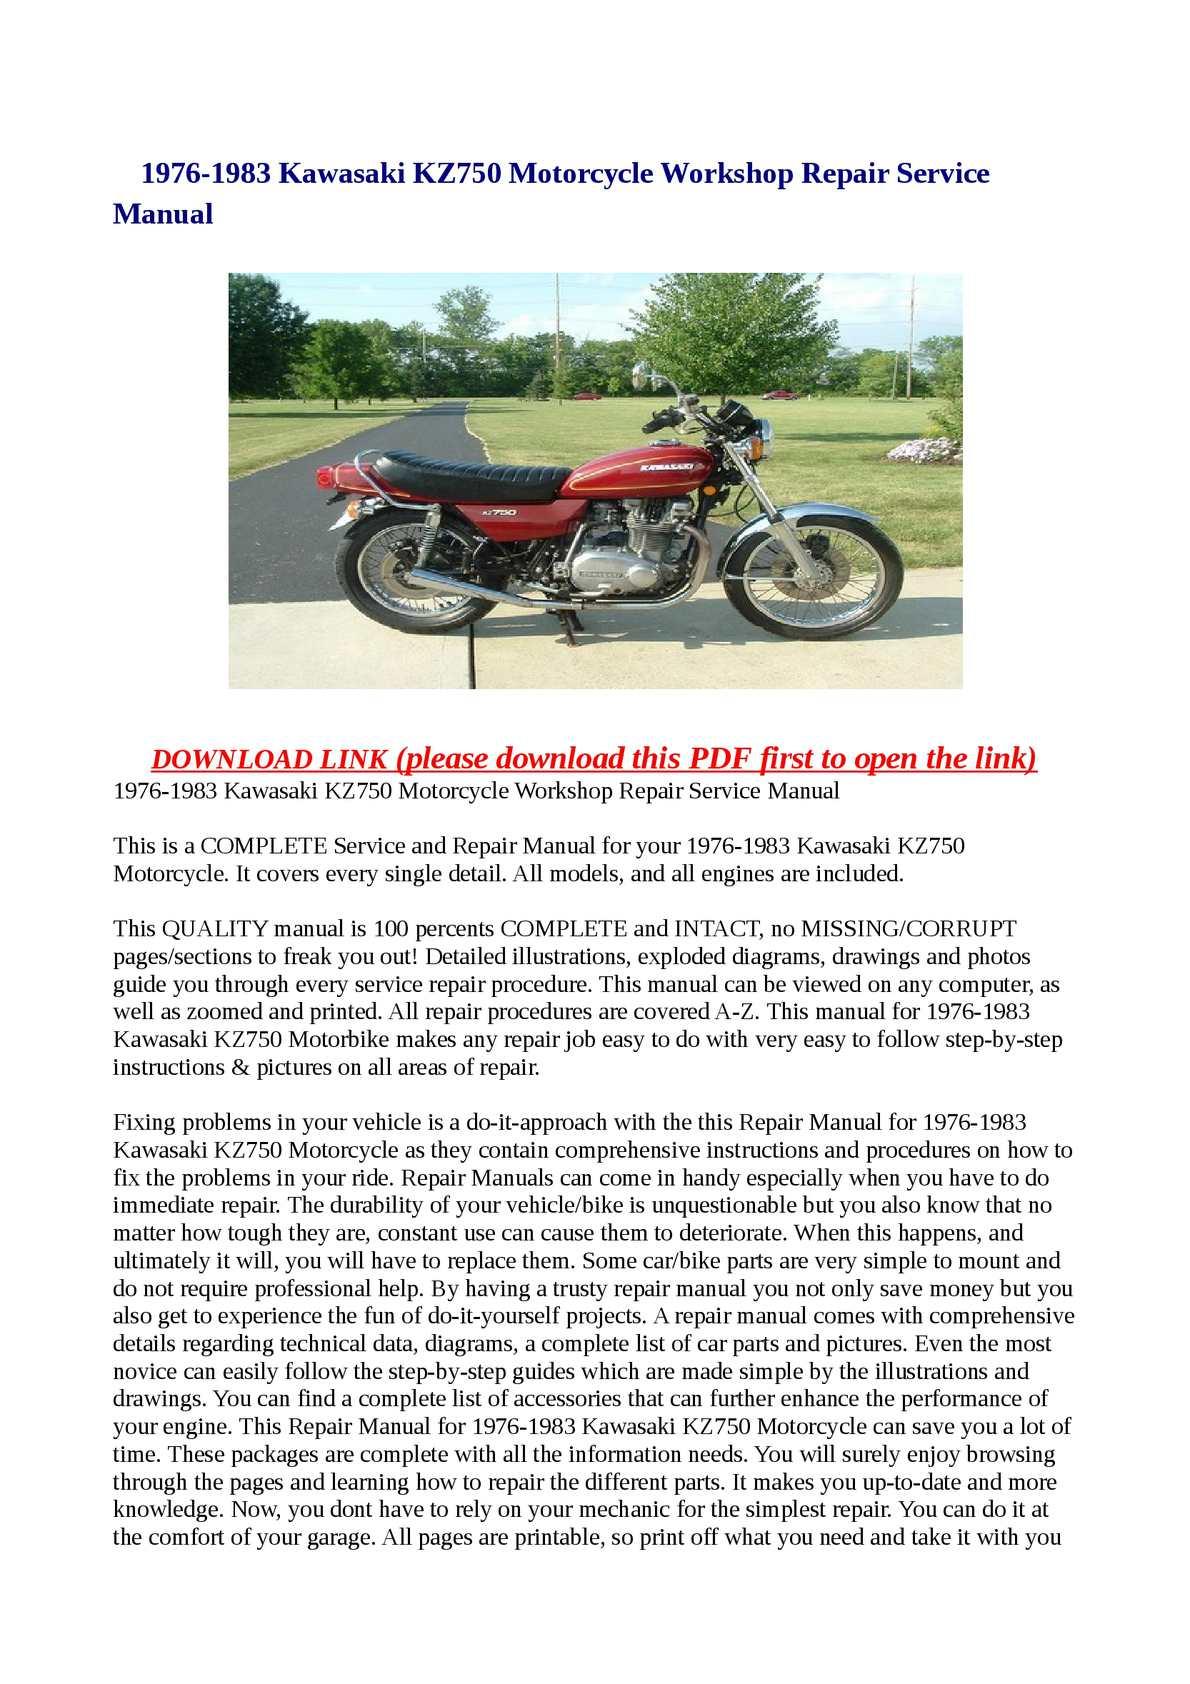 Calaméo - 1976-1983 Kawasaki KZ750 Motorcycle Workshop Repair Service Manual